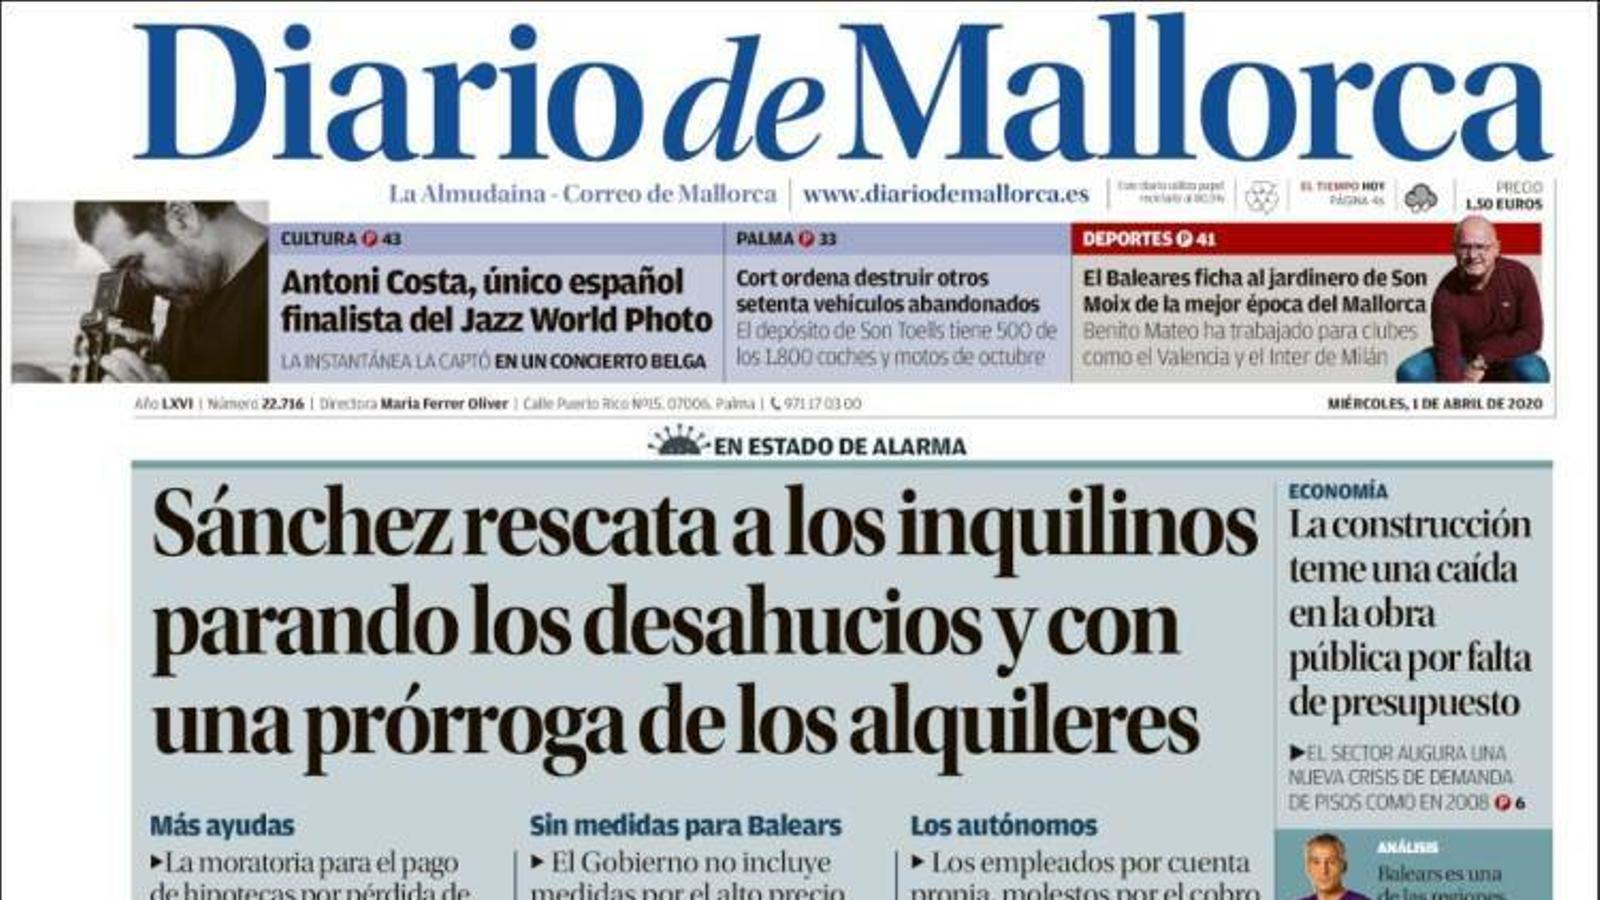 """""""Sánchez rescata els inquilins aturant els desnonaments i amb una pròrroga dels lloguers"""", portada de 'Diario de Mallorca'"""